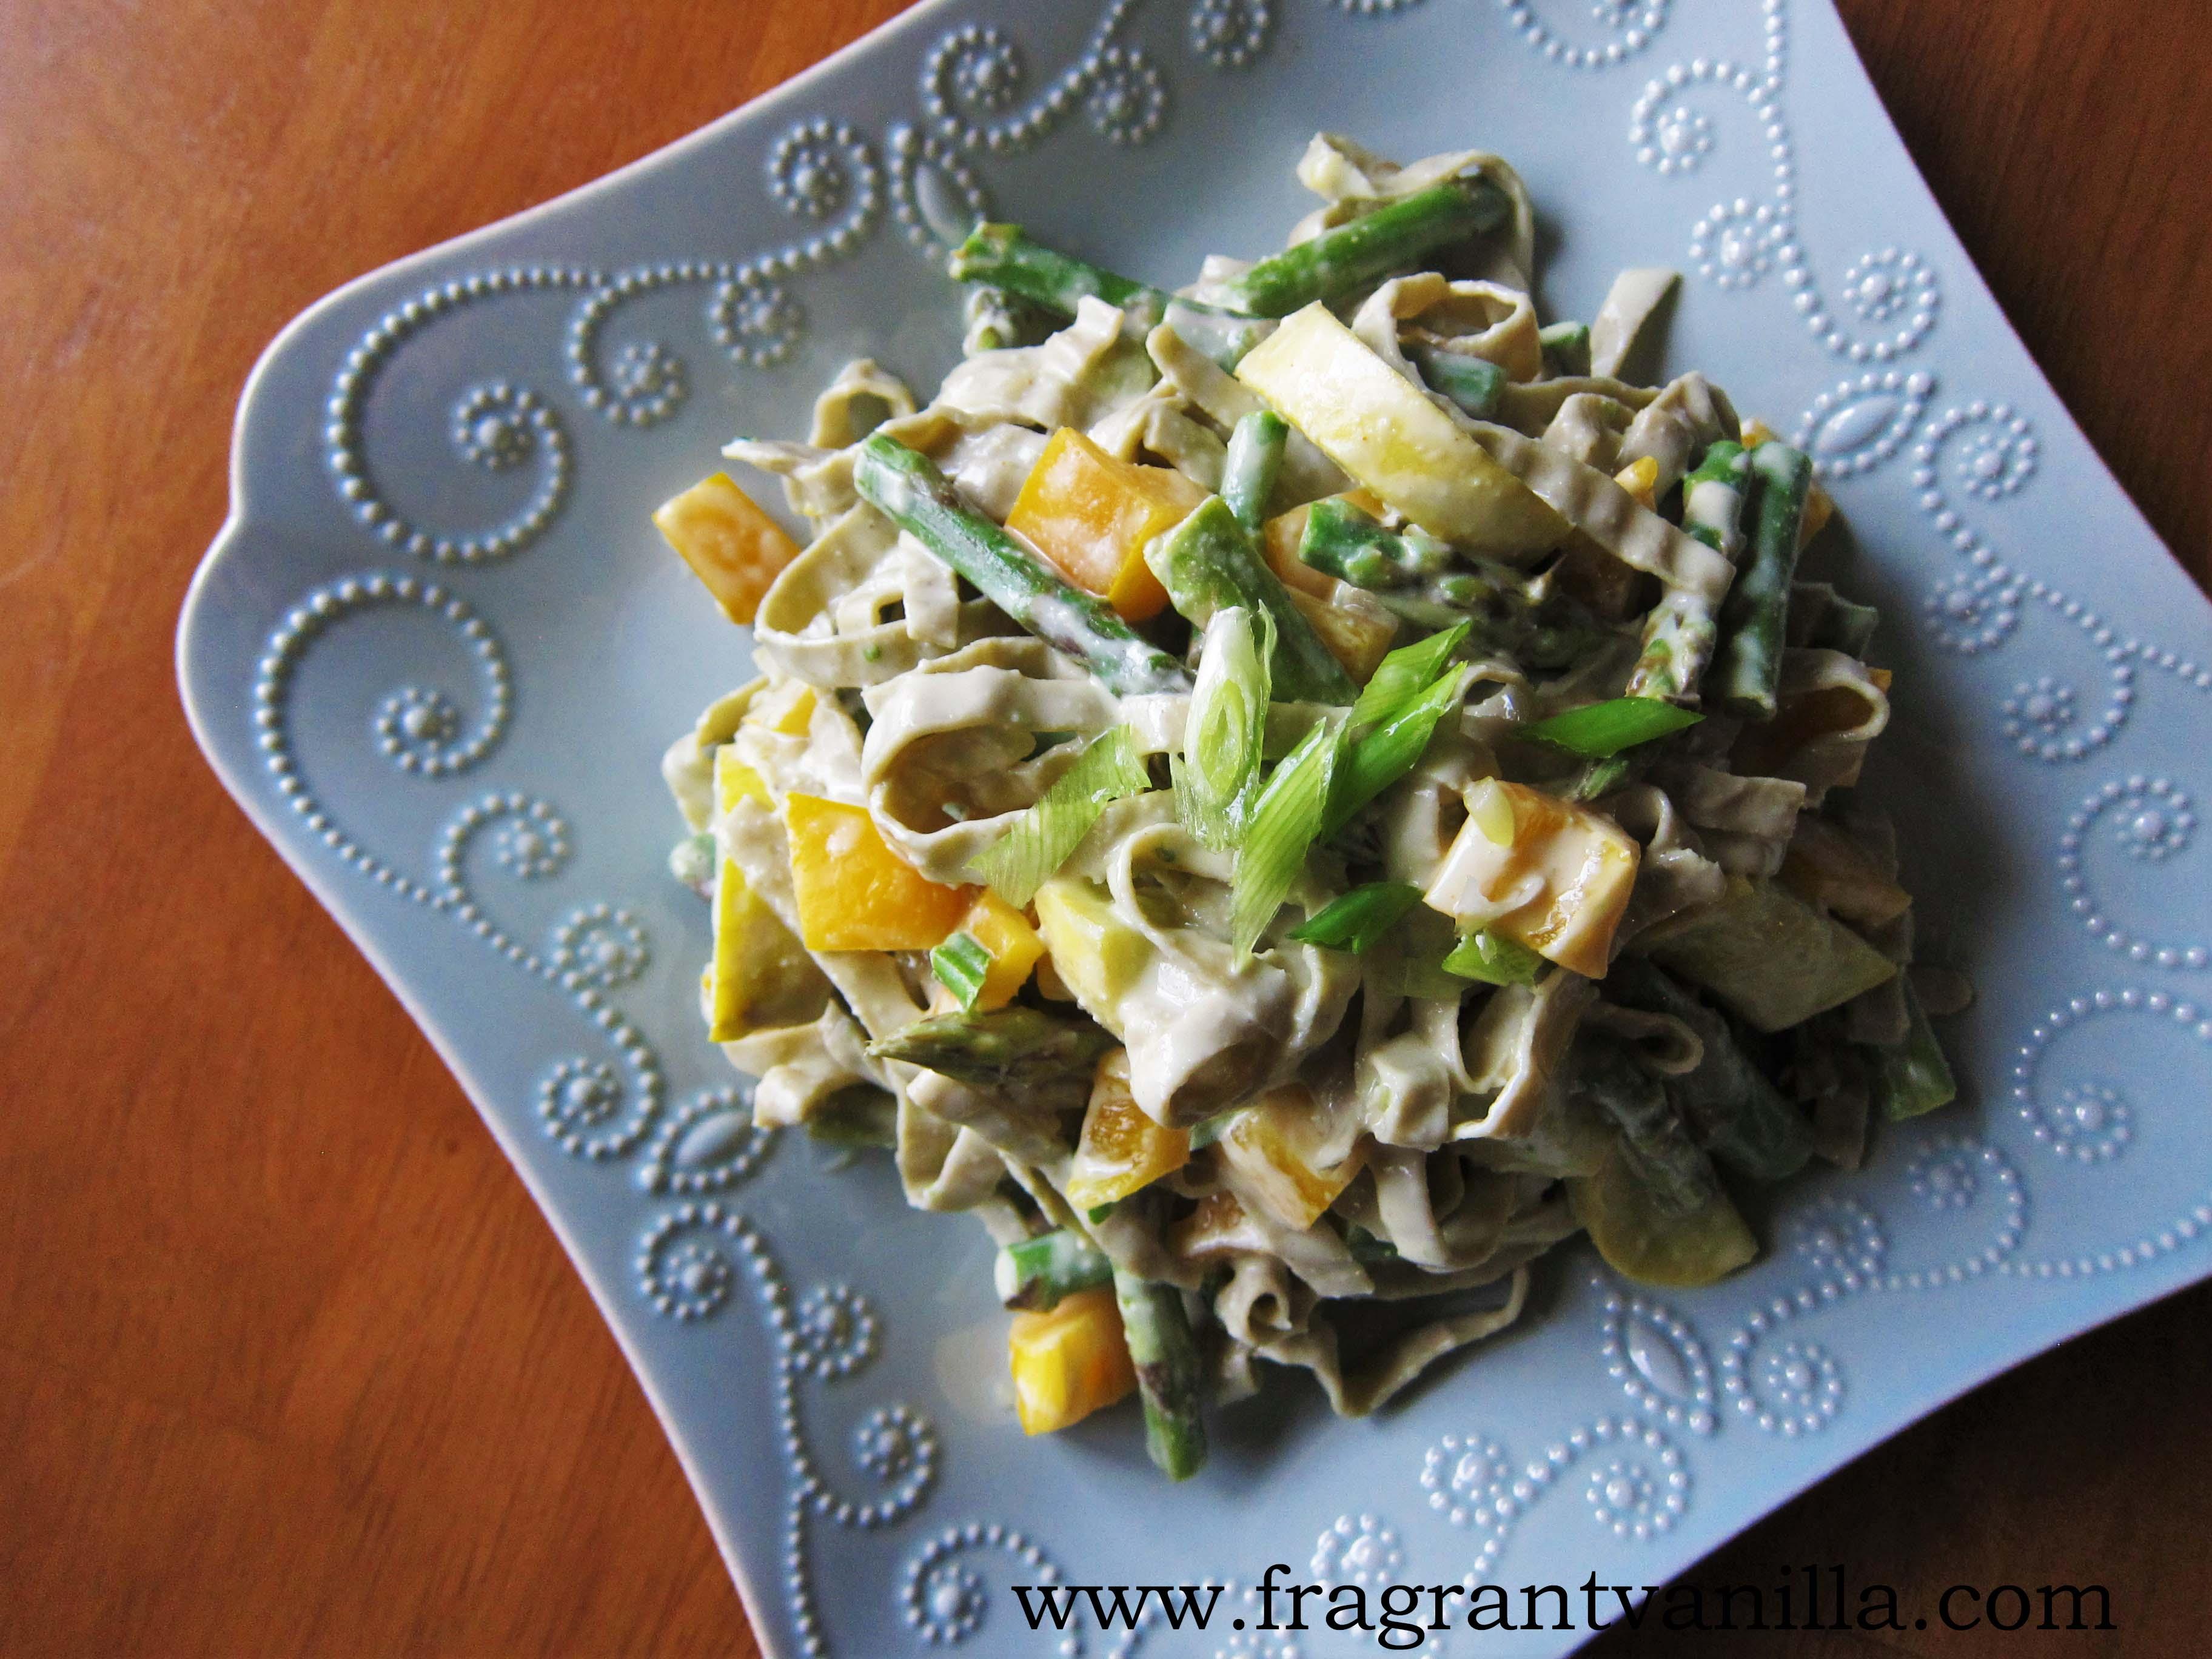 Creamy Vegan Spring Pasta Primavera